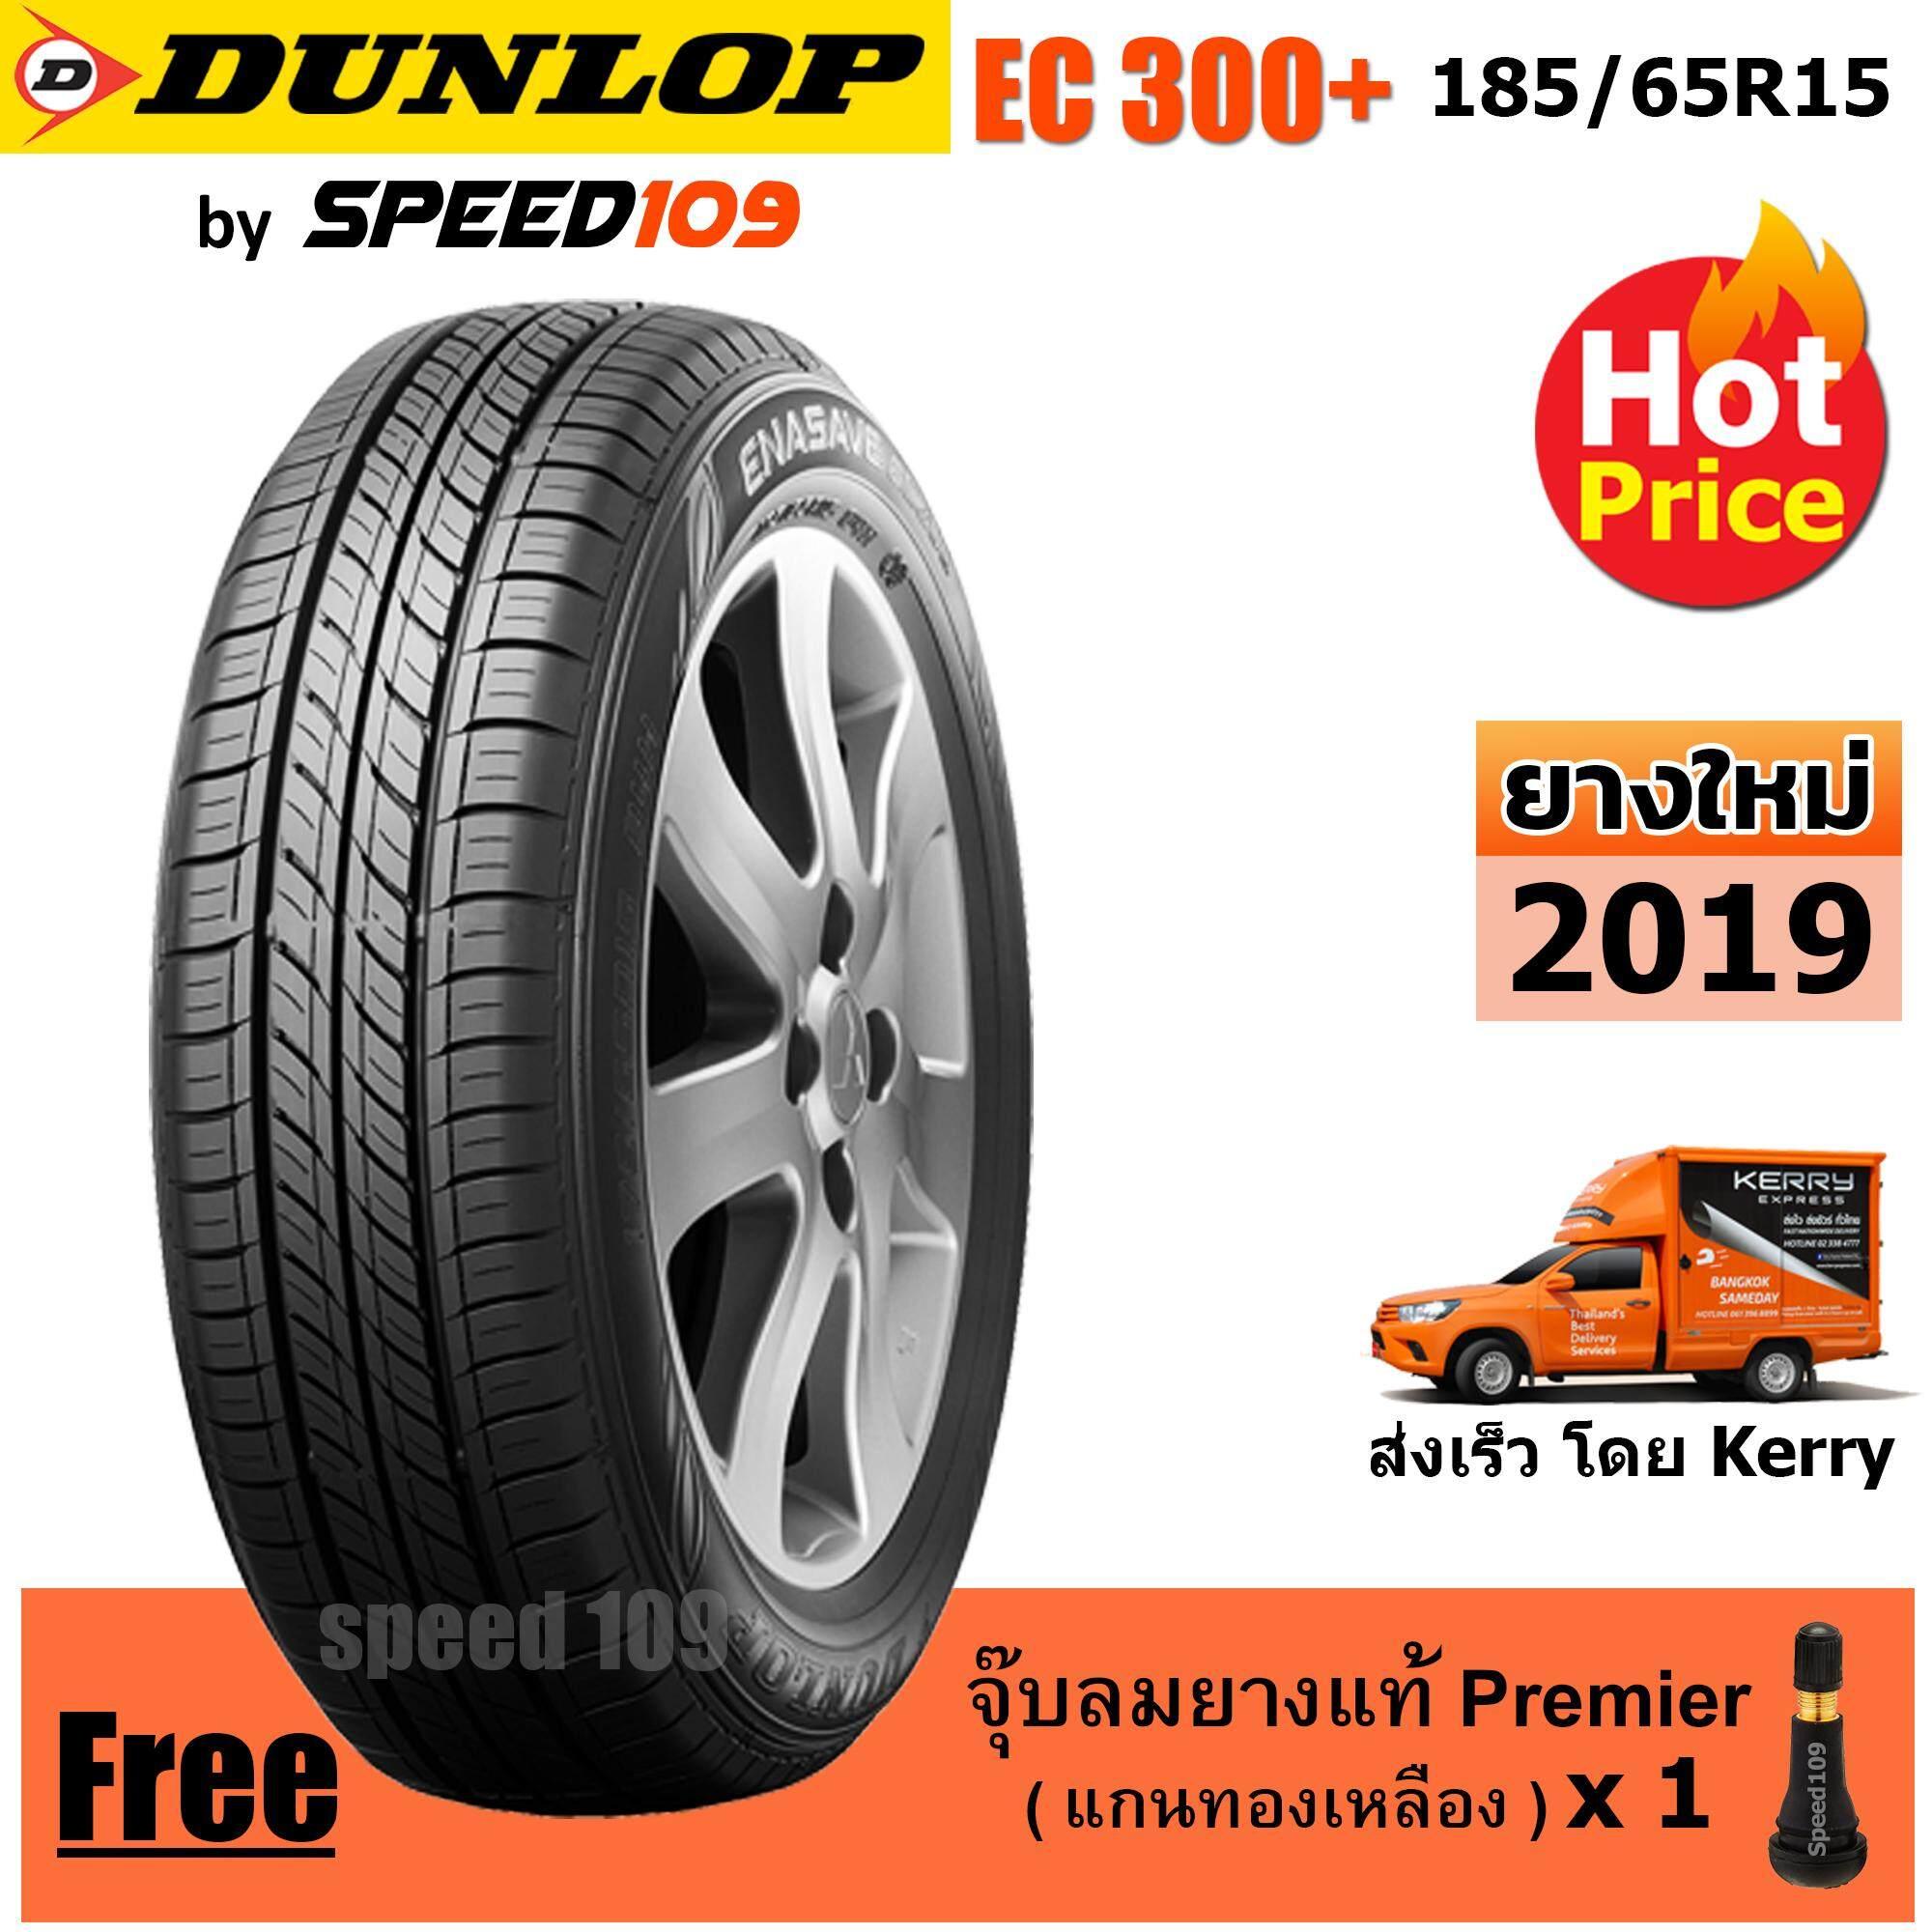 สุพรรณบุรี DUNLOP ยางรถยนต์ ขอบ 15 ขนาด 185/65R15 รุ่น EC300+ - 1 เส้น (ปี 2019)